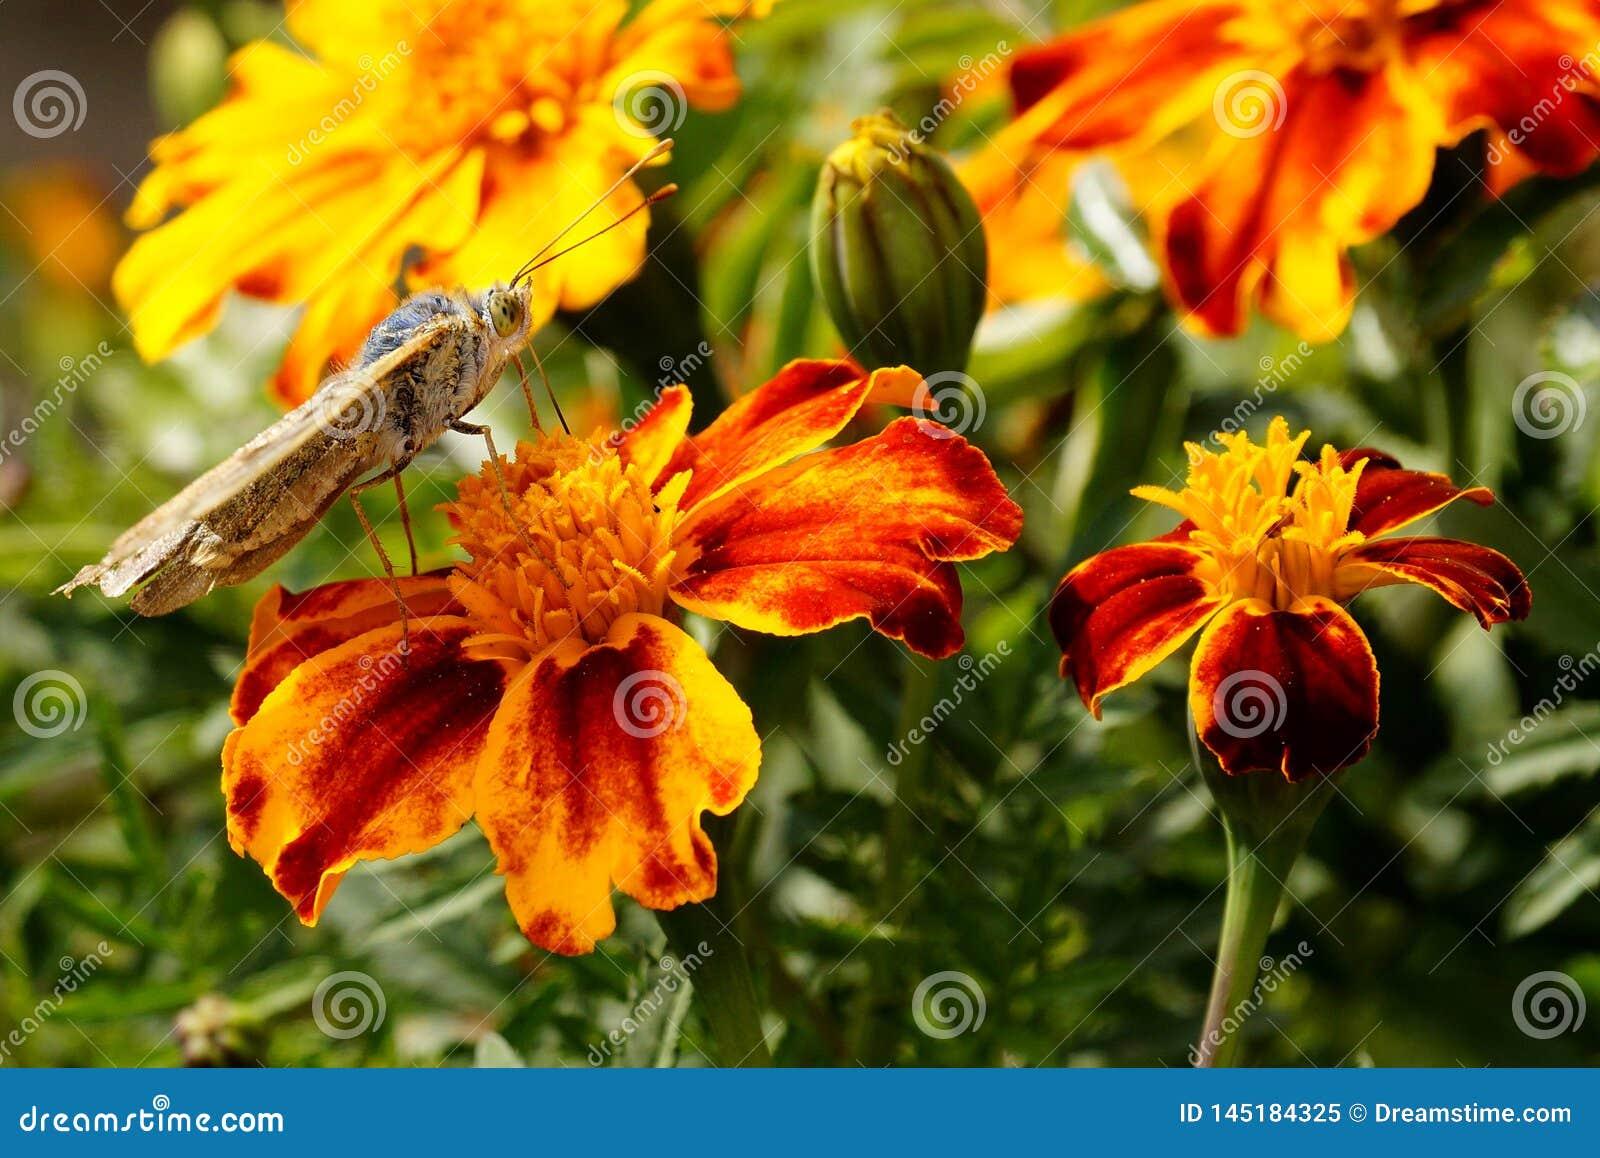 Papillons ?t? La beaut? naturelle de la Russie